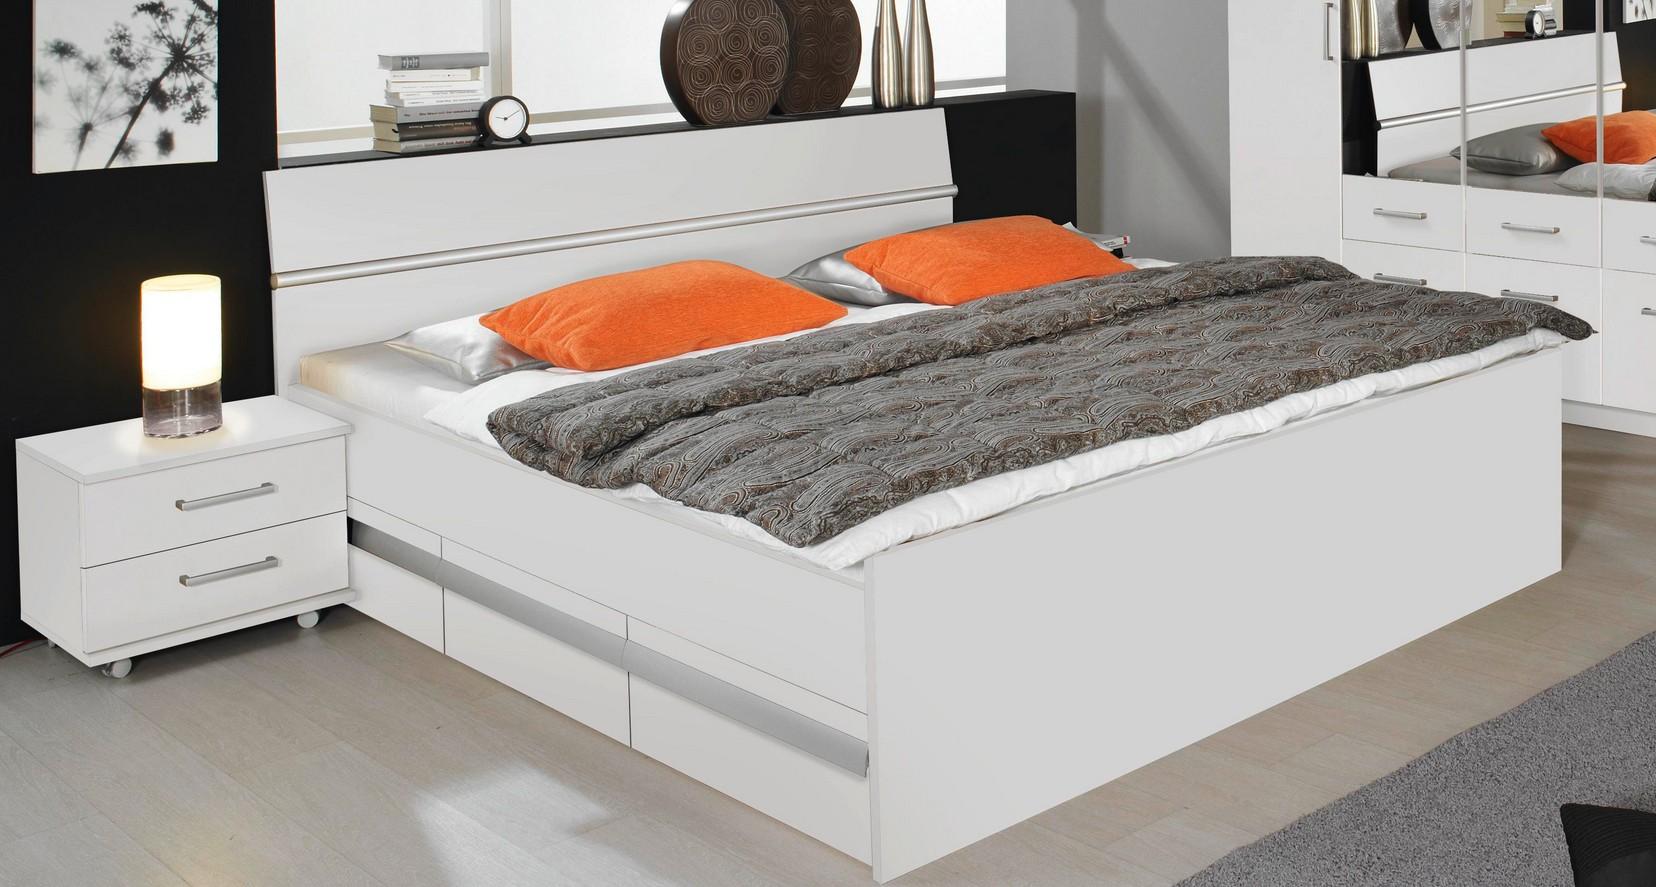 Full Size of Rauch Betten Steffen Packs Bett 180x200 140x200 Bettensystem Konfigurator Bettsystem Samoa Flexx Apulien Kompaktbett Mit 2x3 Erset Sockelschubksten Bock Luxus Bett Rauch Betten